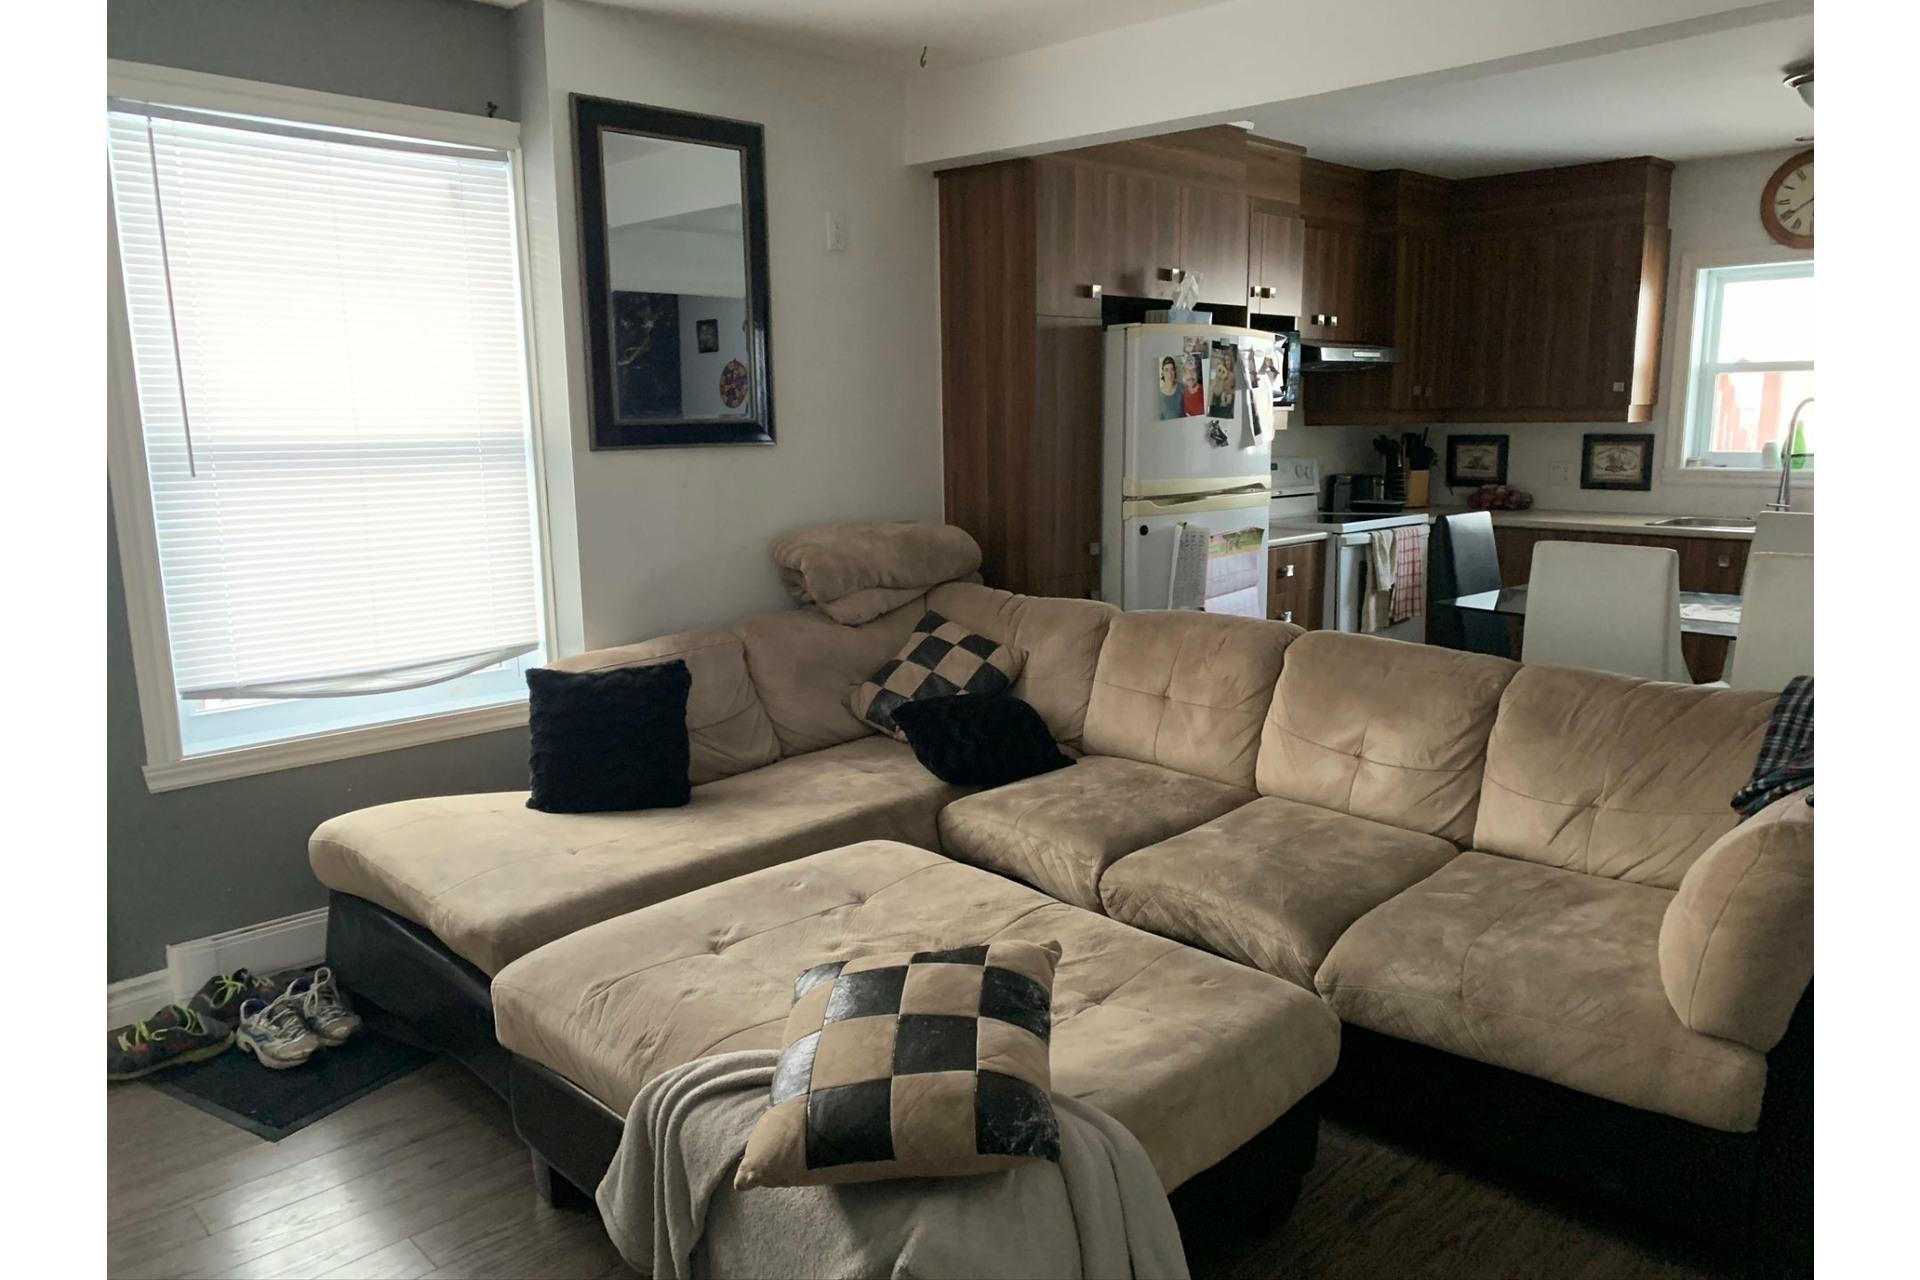 image 7 - Duplex For sale Trois-Rivières - 6 rooms